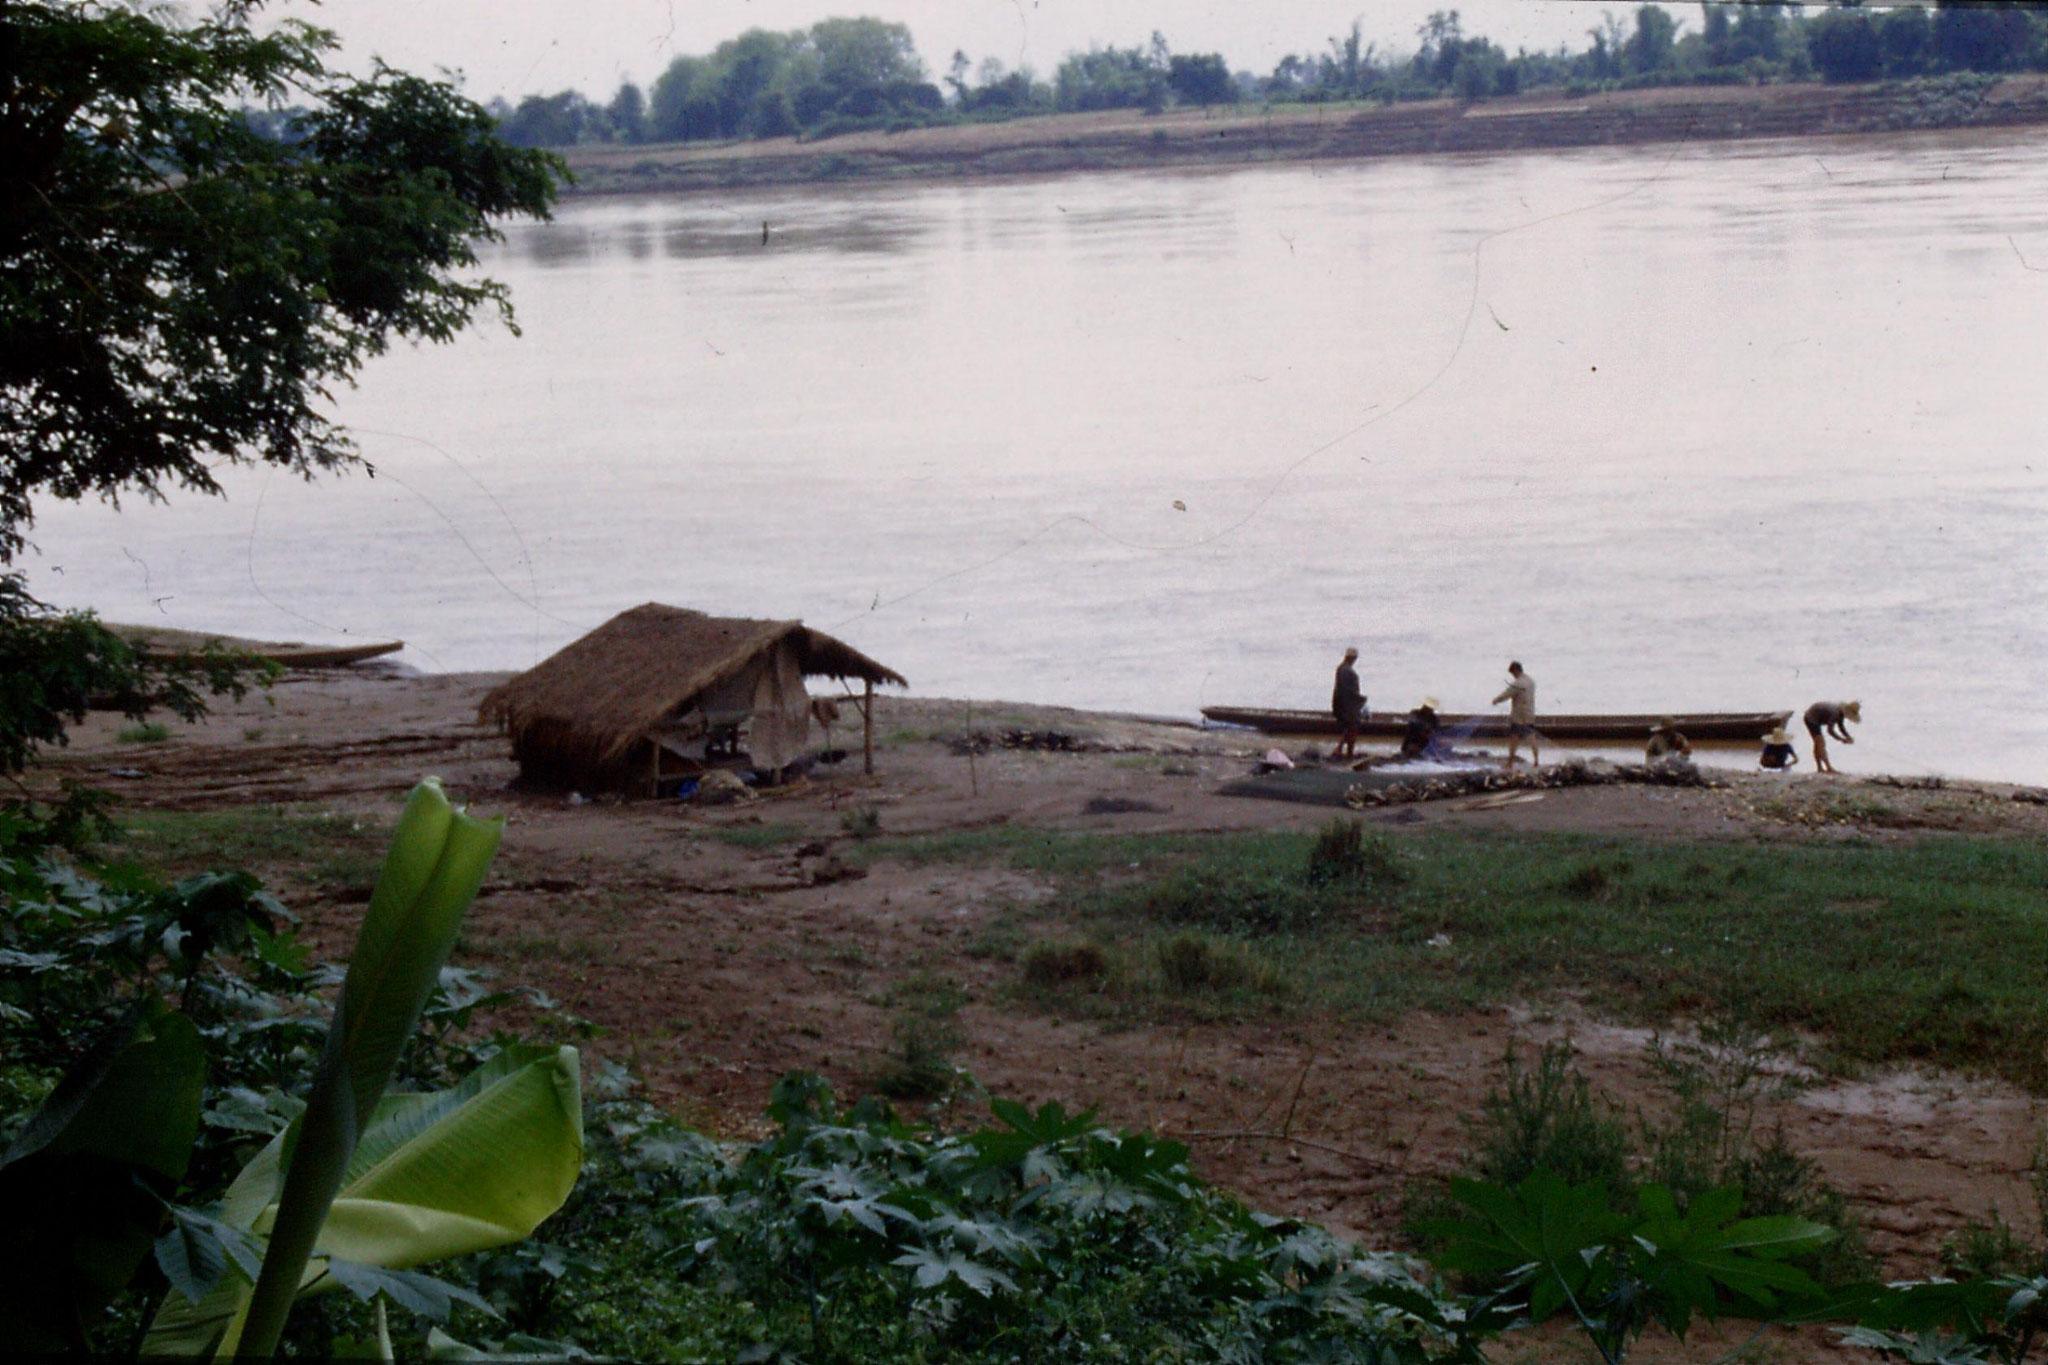 30/5/1990: 24: east of Nong Khai, Mekong river